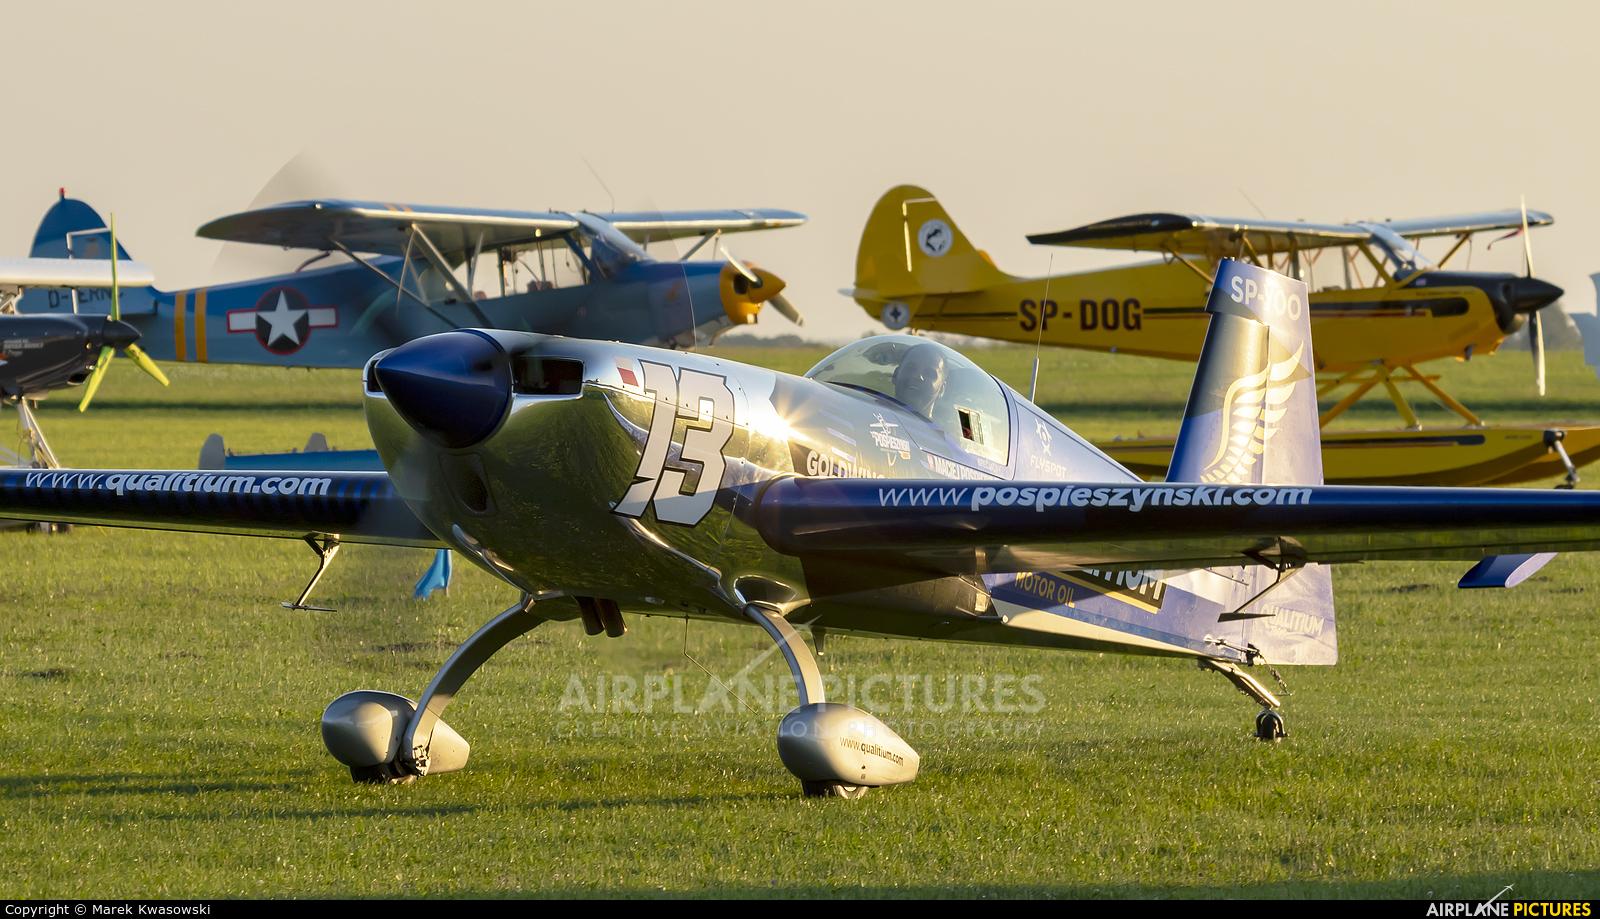 Maciej Pospieszyński - Aerobatics SP-YOO aircraft at Kętrzyn - Wilamowo